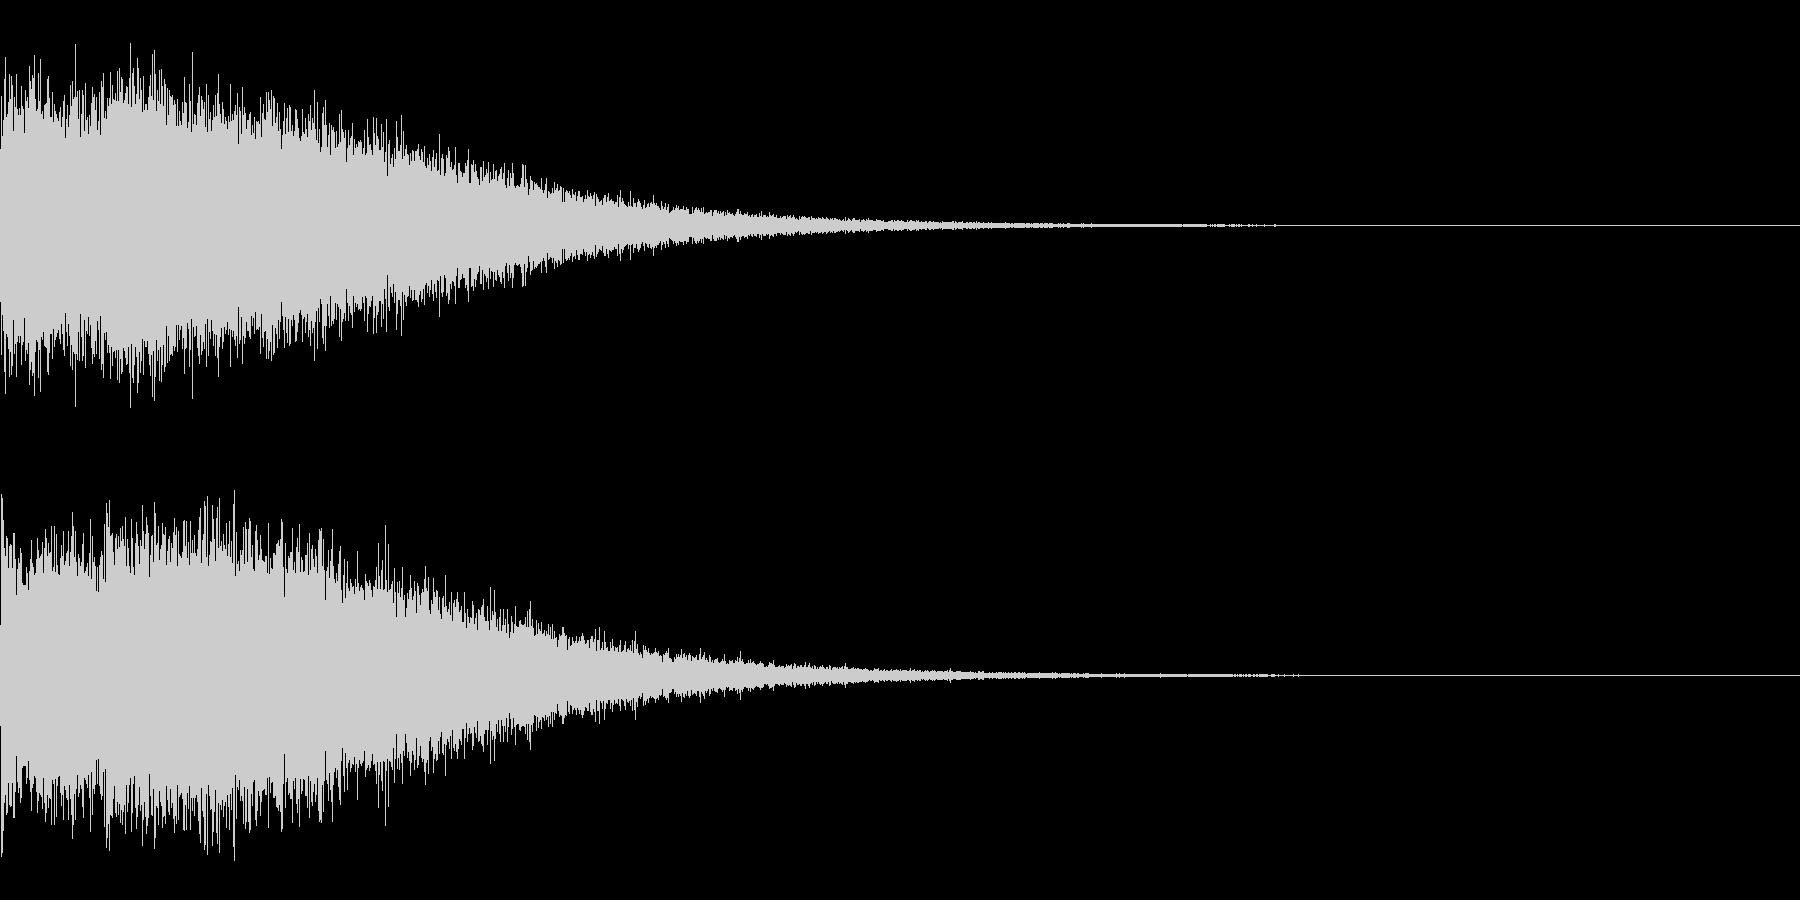 Dark_Sweepdown-17の未再生の波形